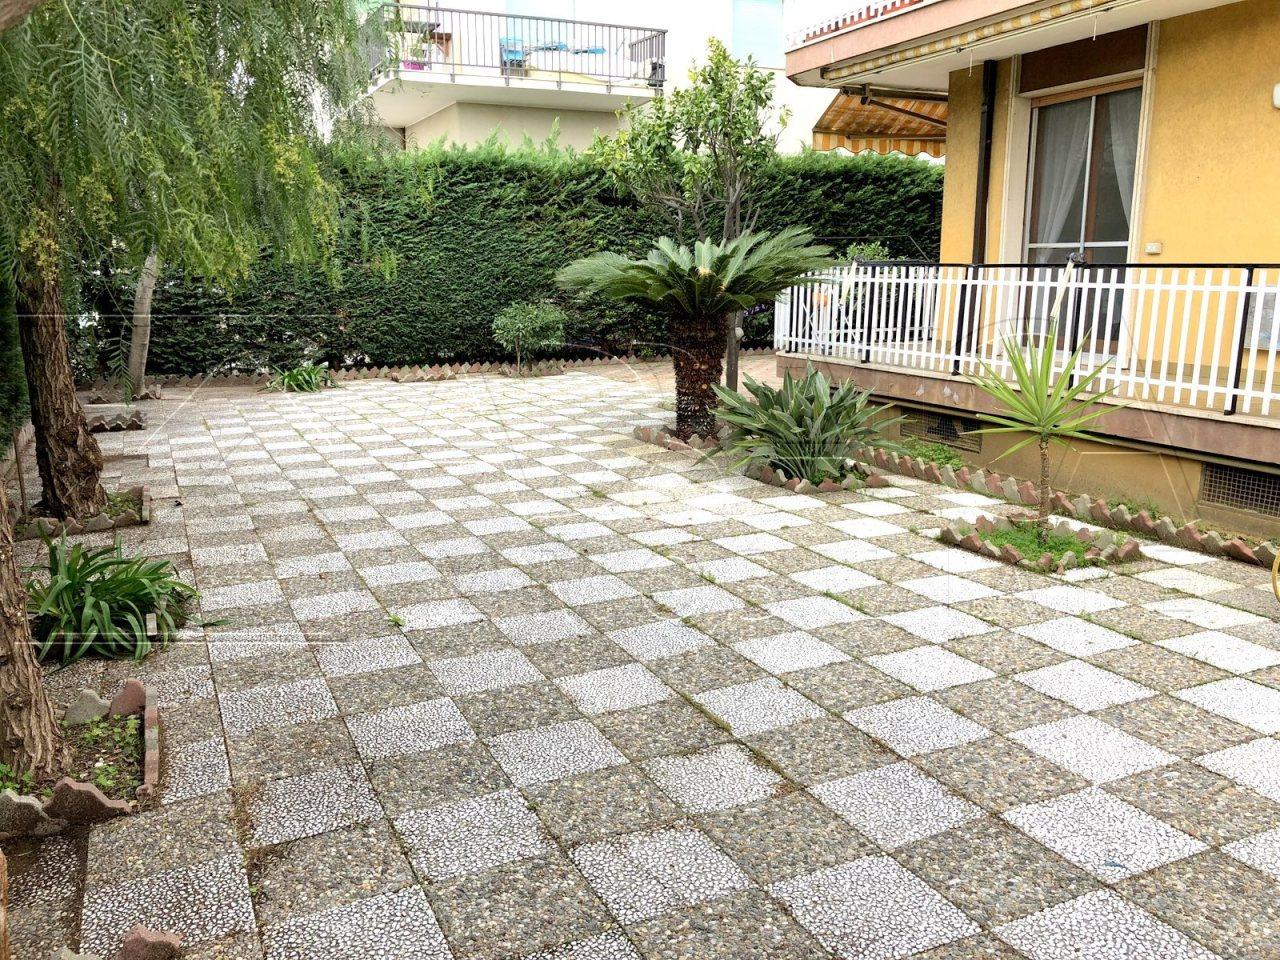 Appartamento in vendita a Riva Ligure, 3 locali, prezzo € 190.000 | PortaleAgenzieImmobiliari.it